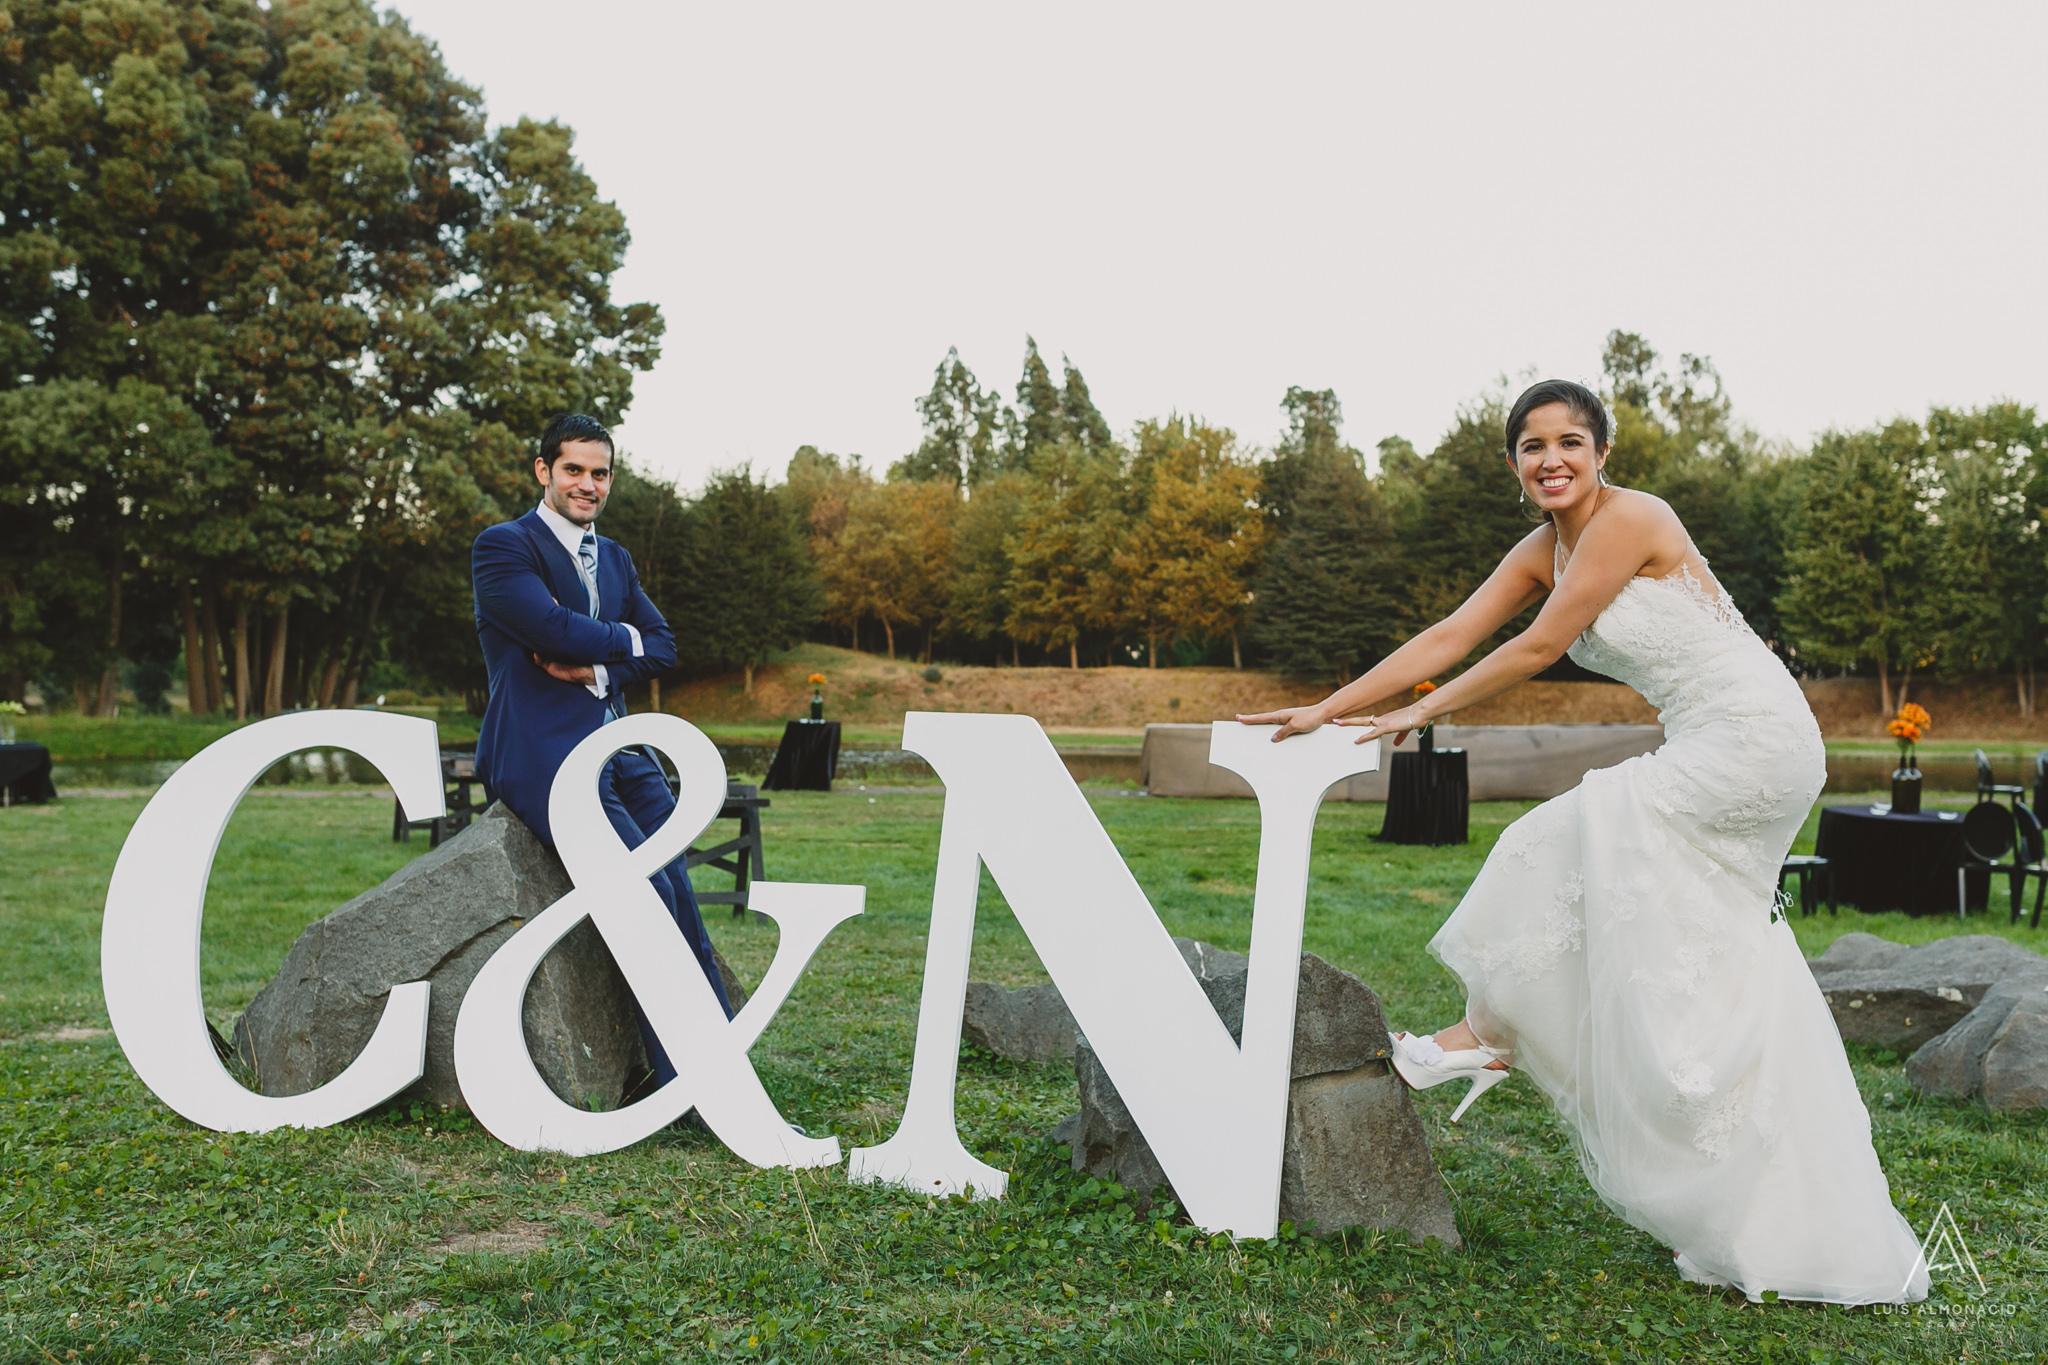 foto-matrimonio-temuco-campus-norte-universidad-catolica